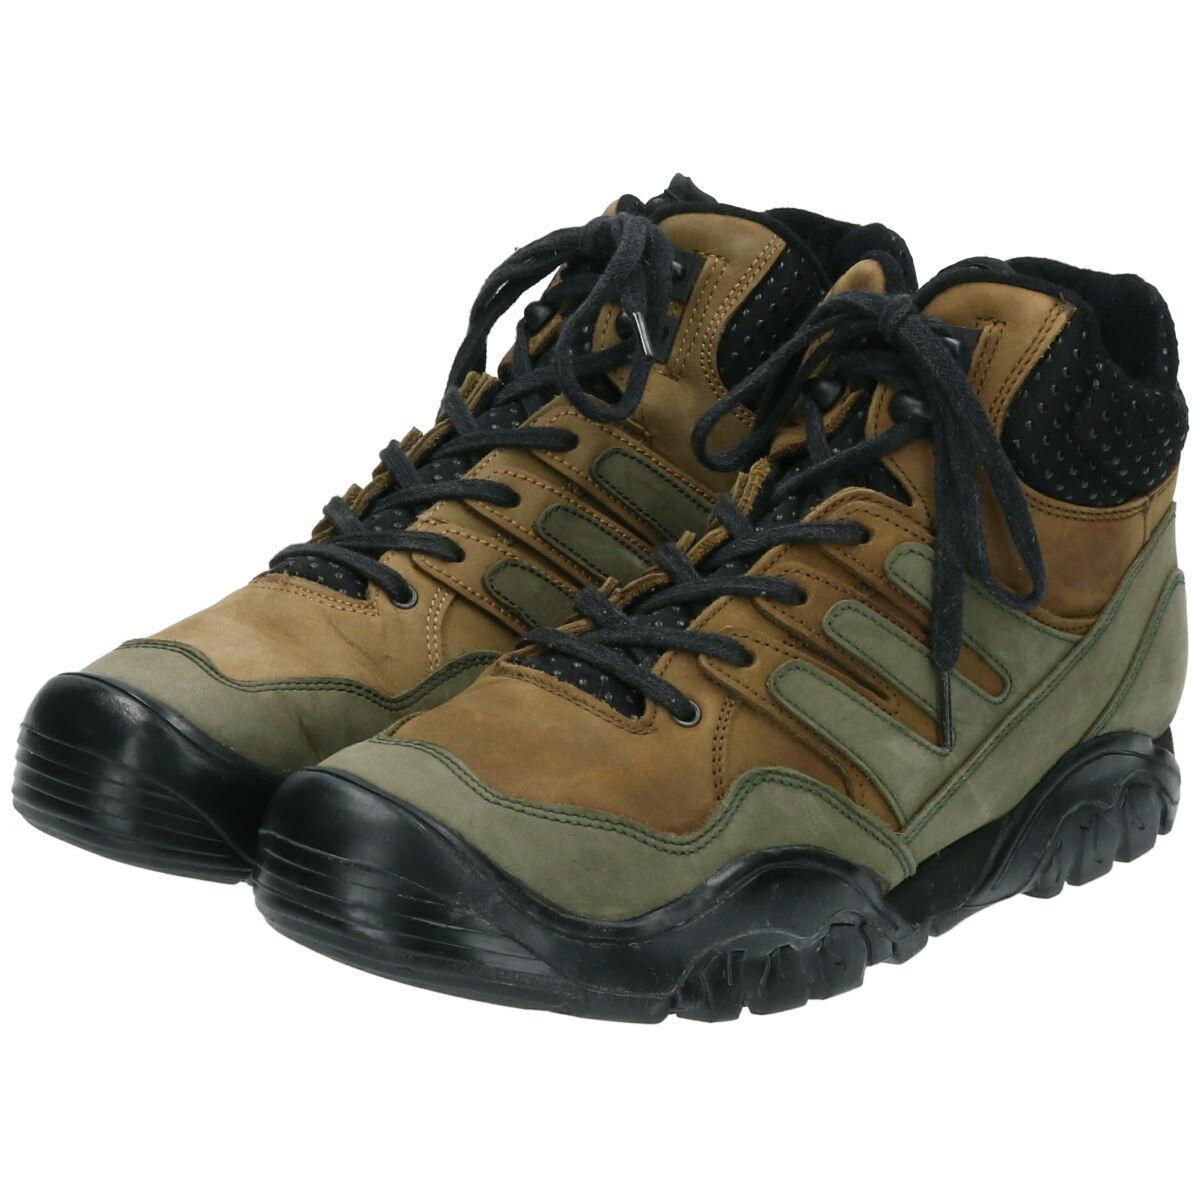 メンズ靴, スニーカー 90 adidas KORSIKA HI US9 27.0cm boq6852 200209